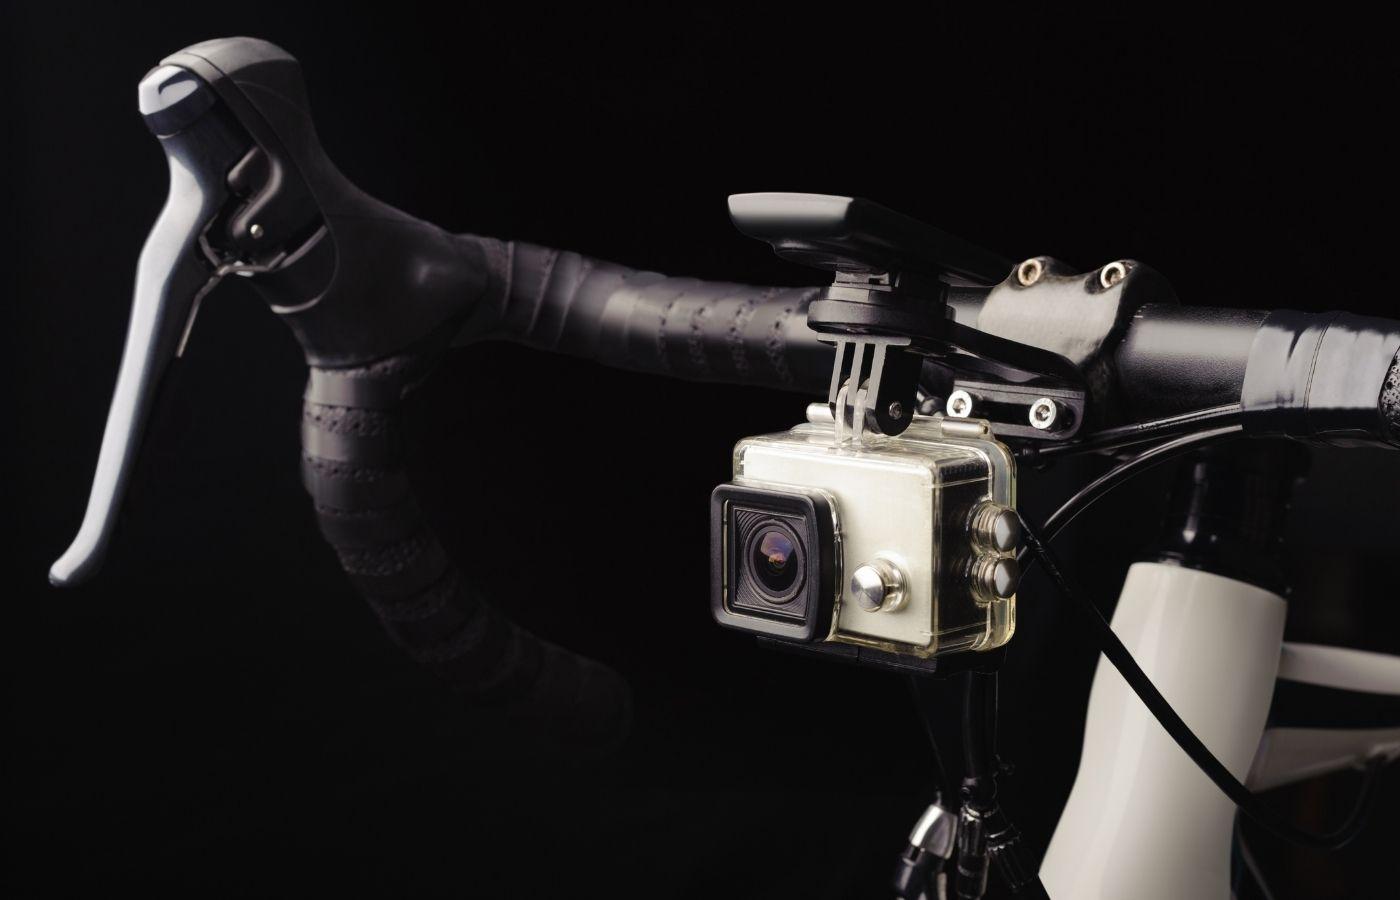 Impulzy, které přinesou kamery na kolech | Sportbiz